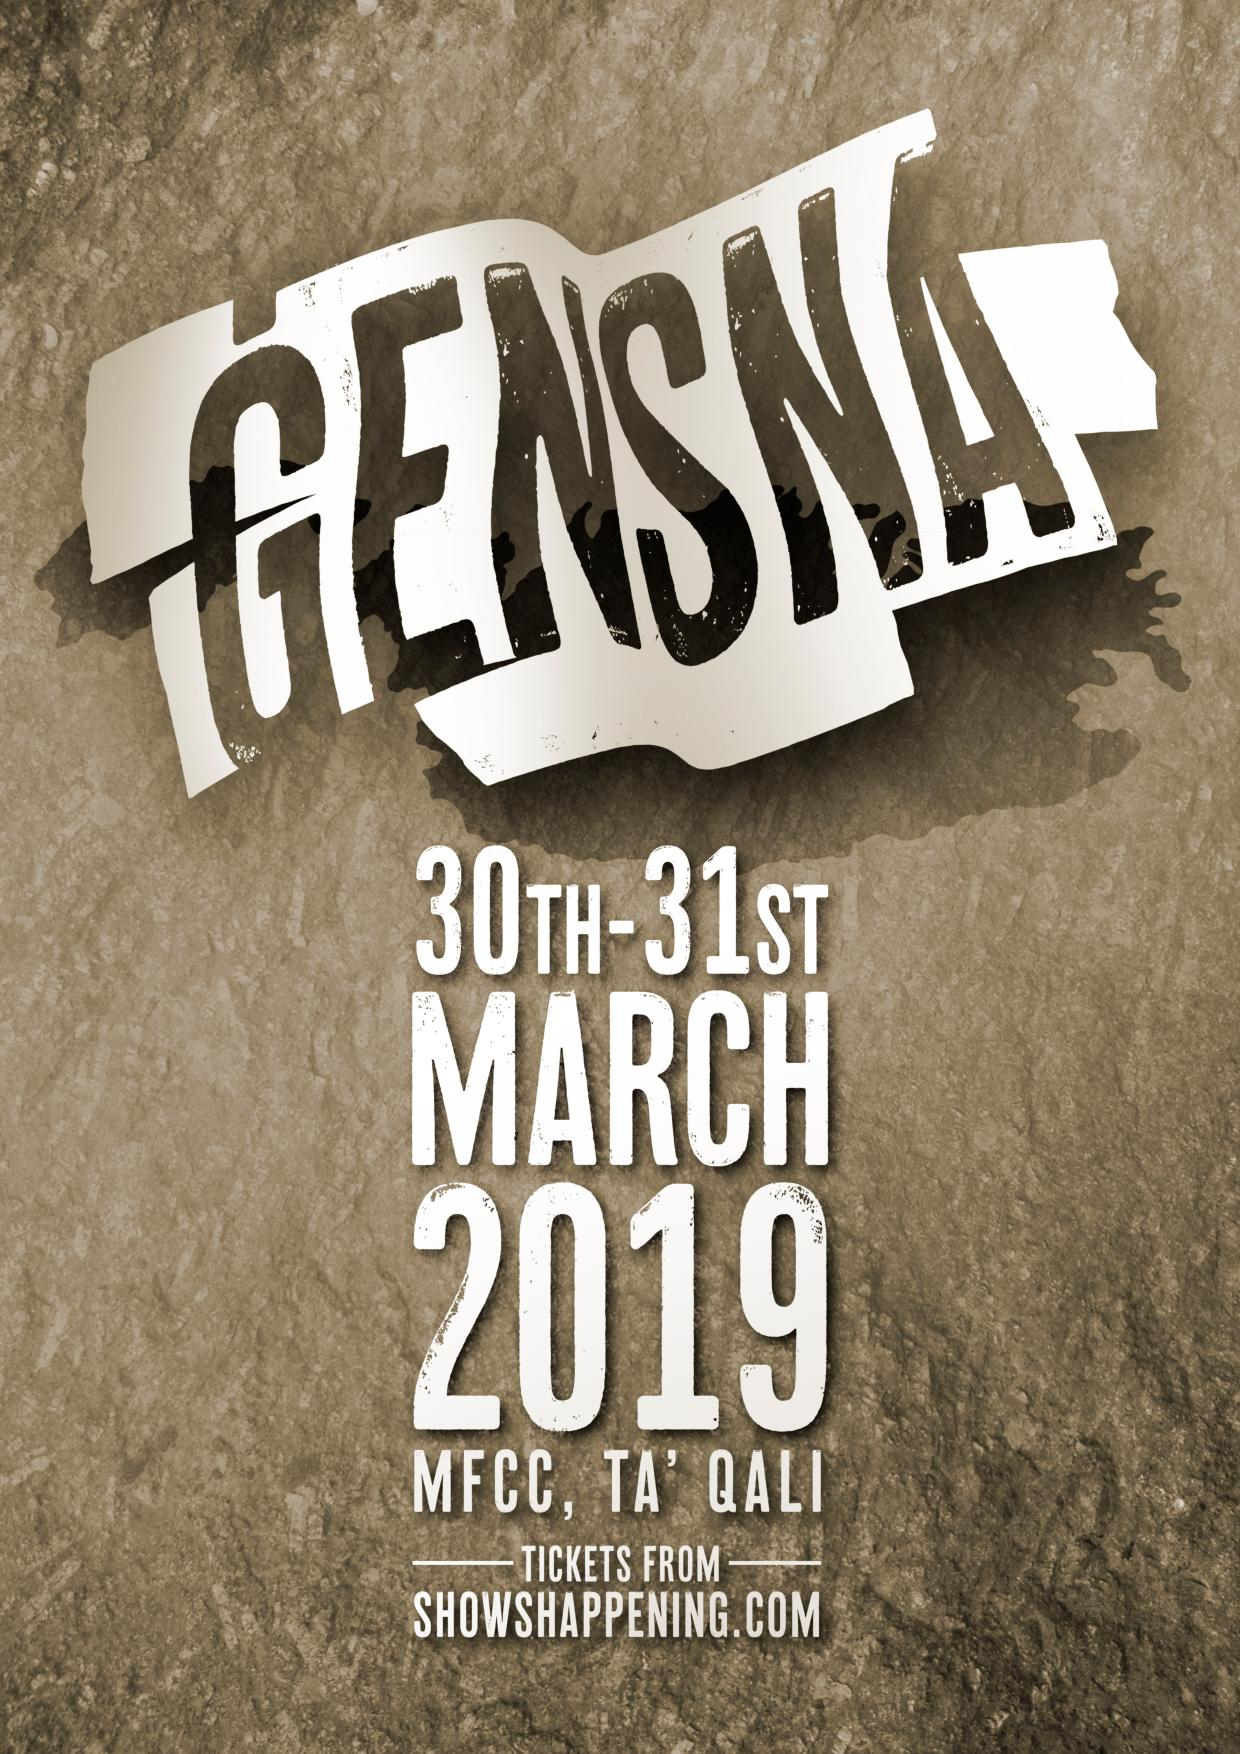 Gensna 2019 flyer